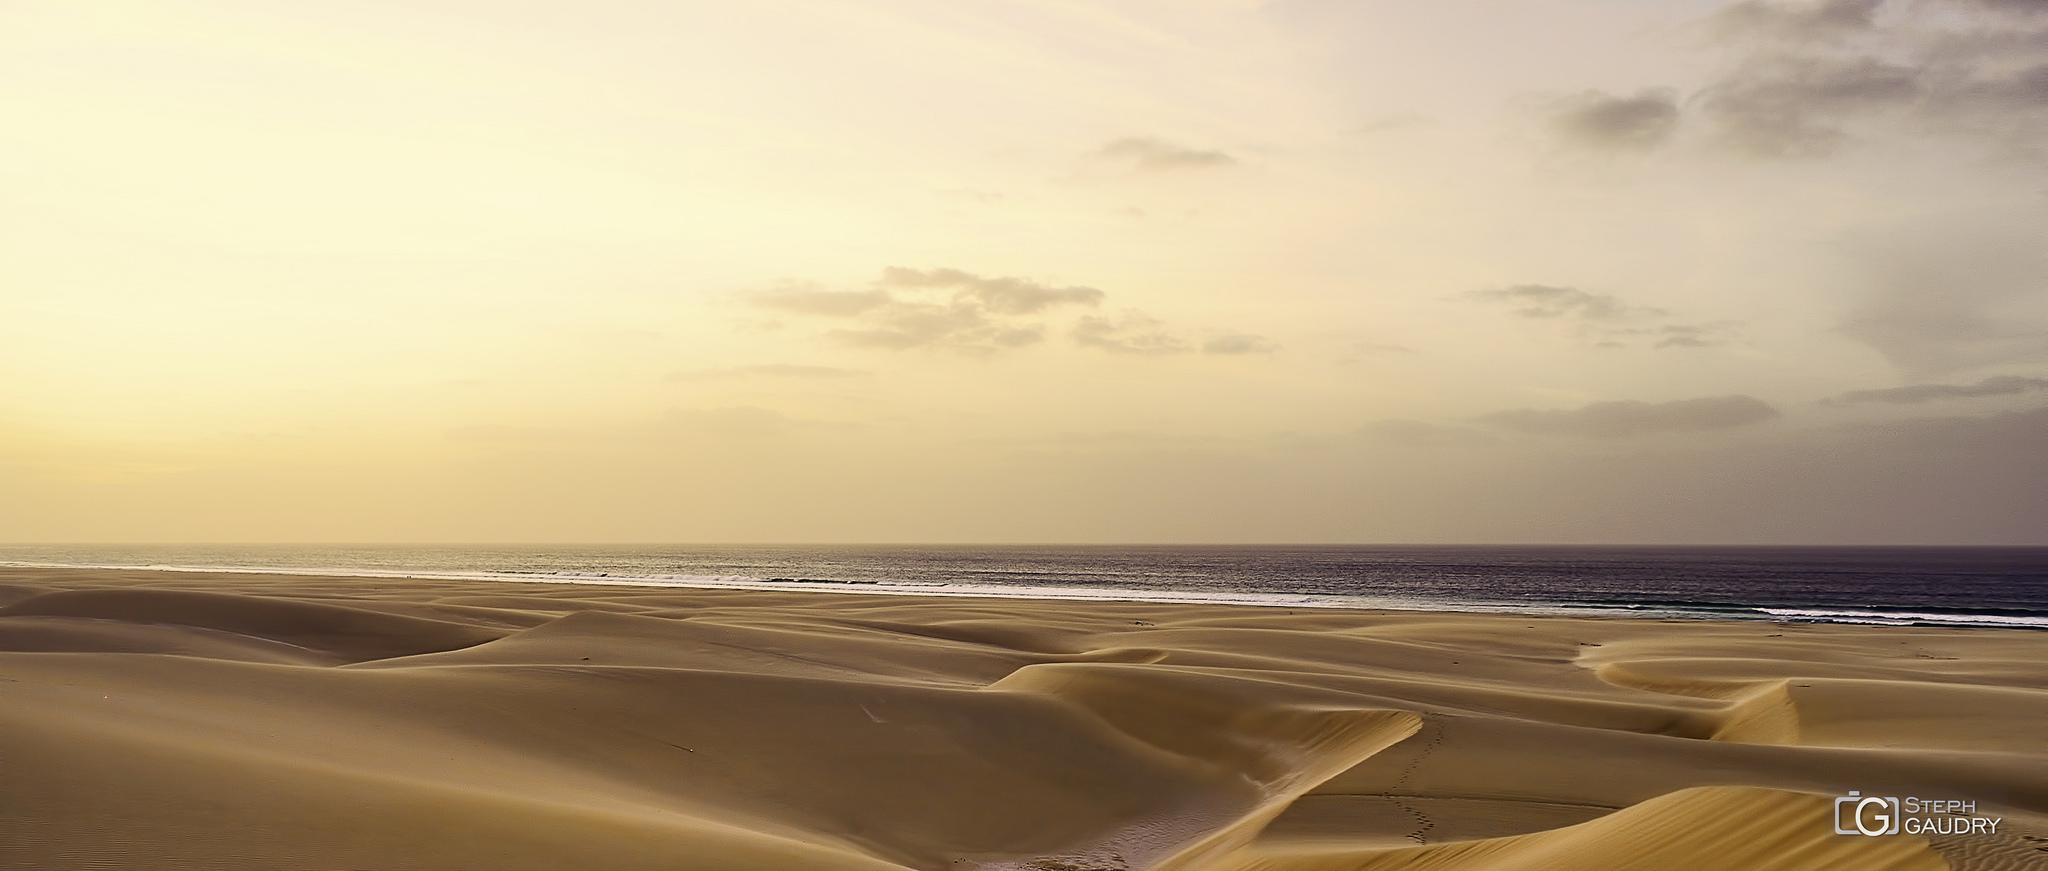 Praia de Chavez [Cliquez pour lancer le diaporama]